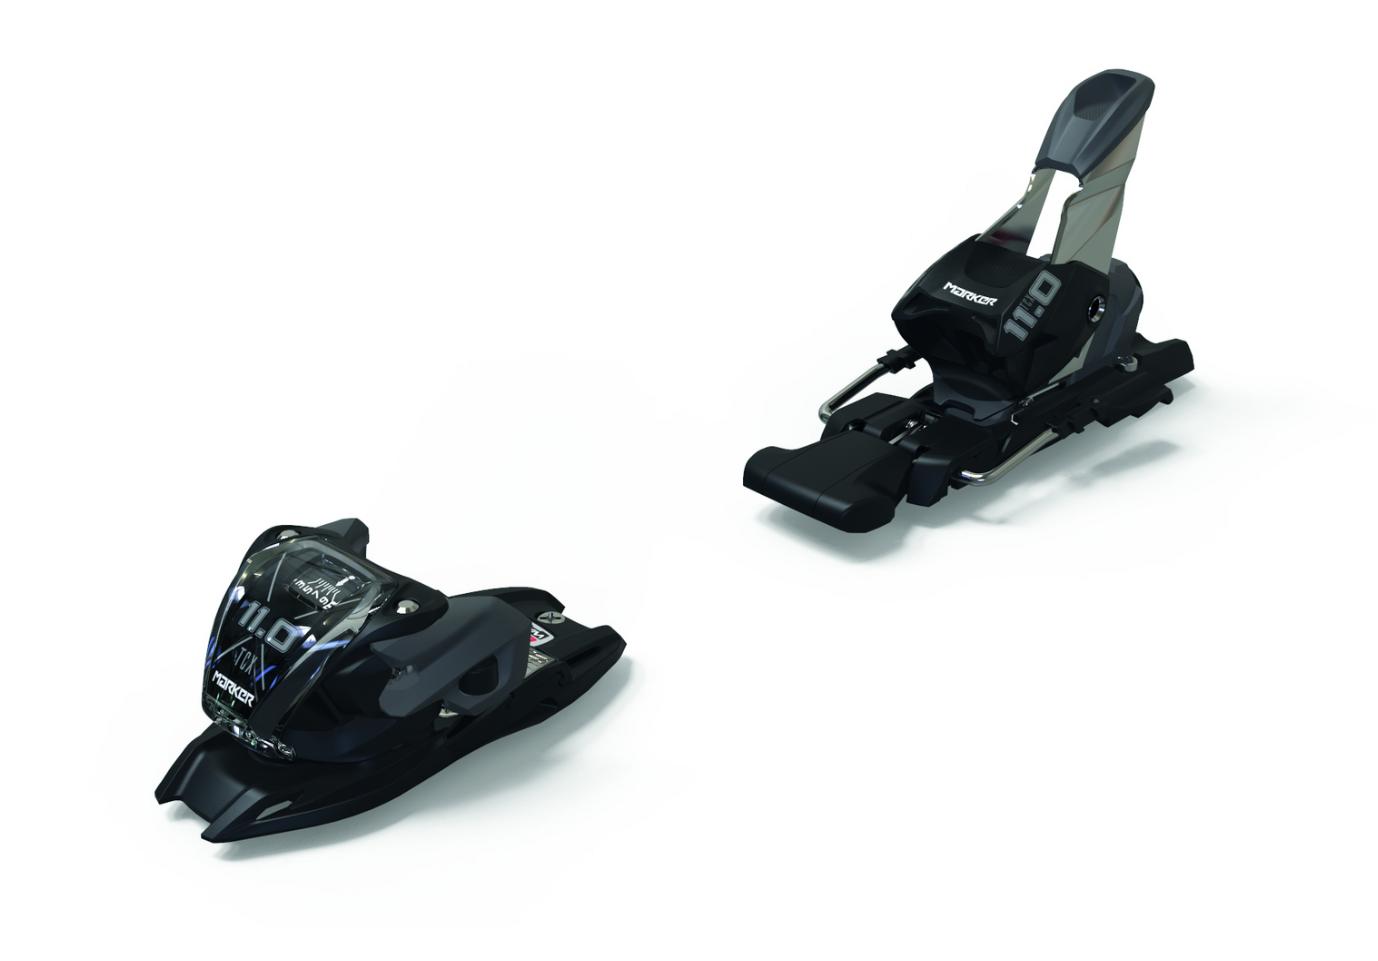 2021 Marker 11.0 TP Ski Binding